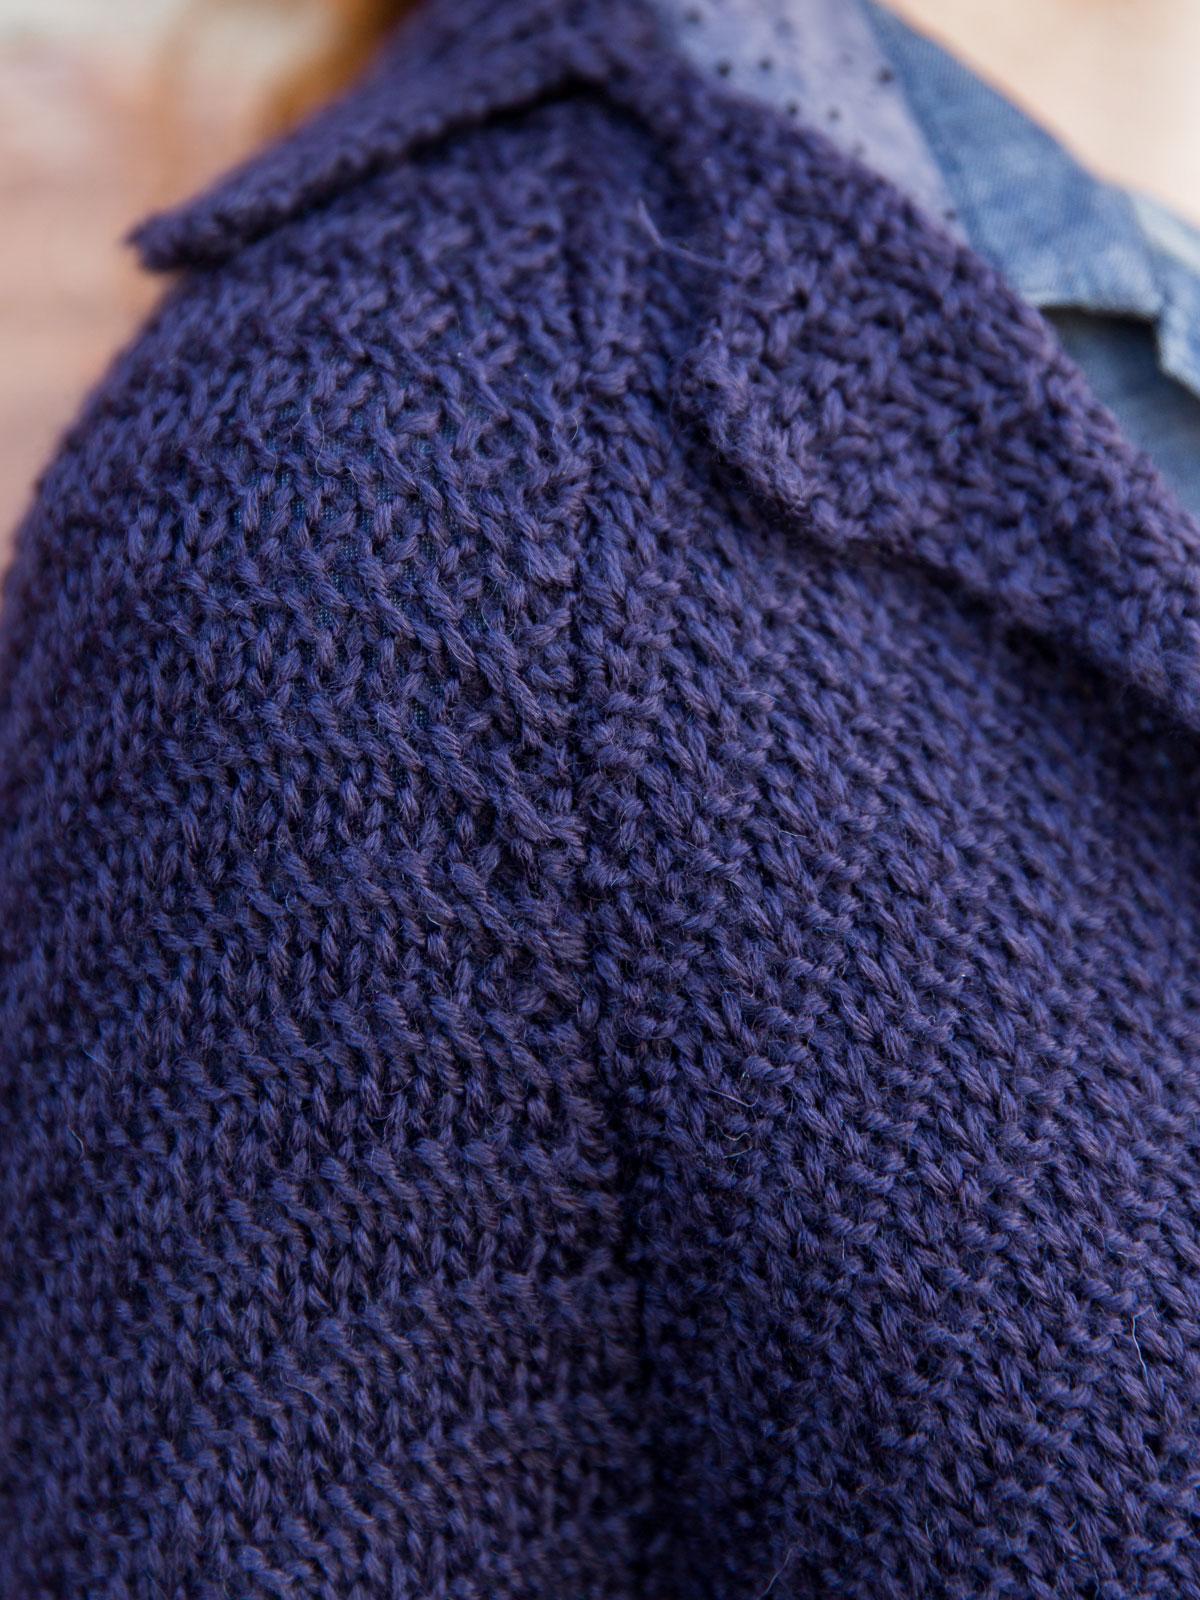 Adriatic Ladies Sweater | April's Attic Sale, Ladies Attic ...